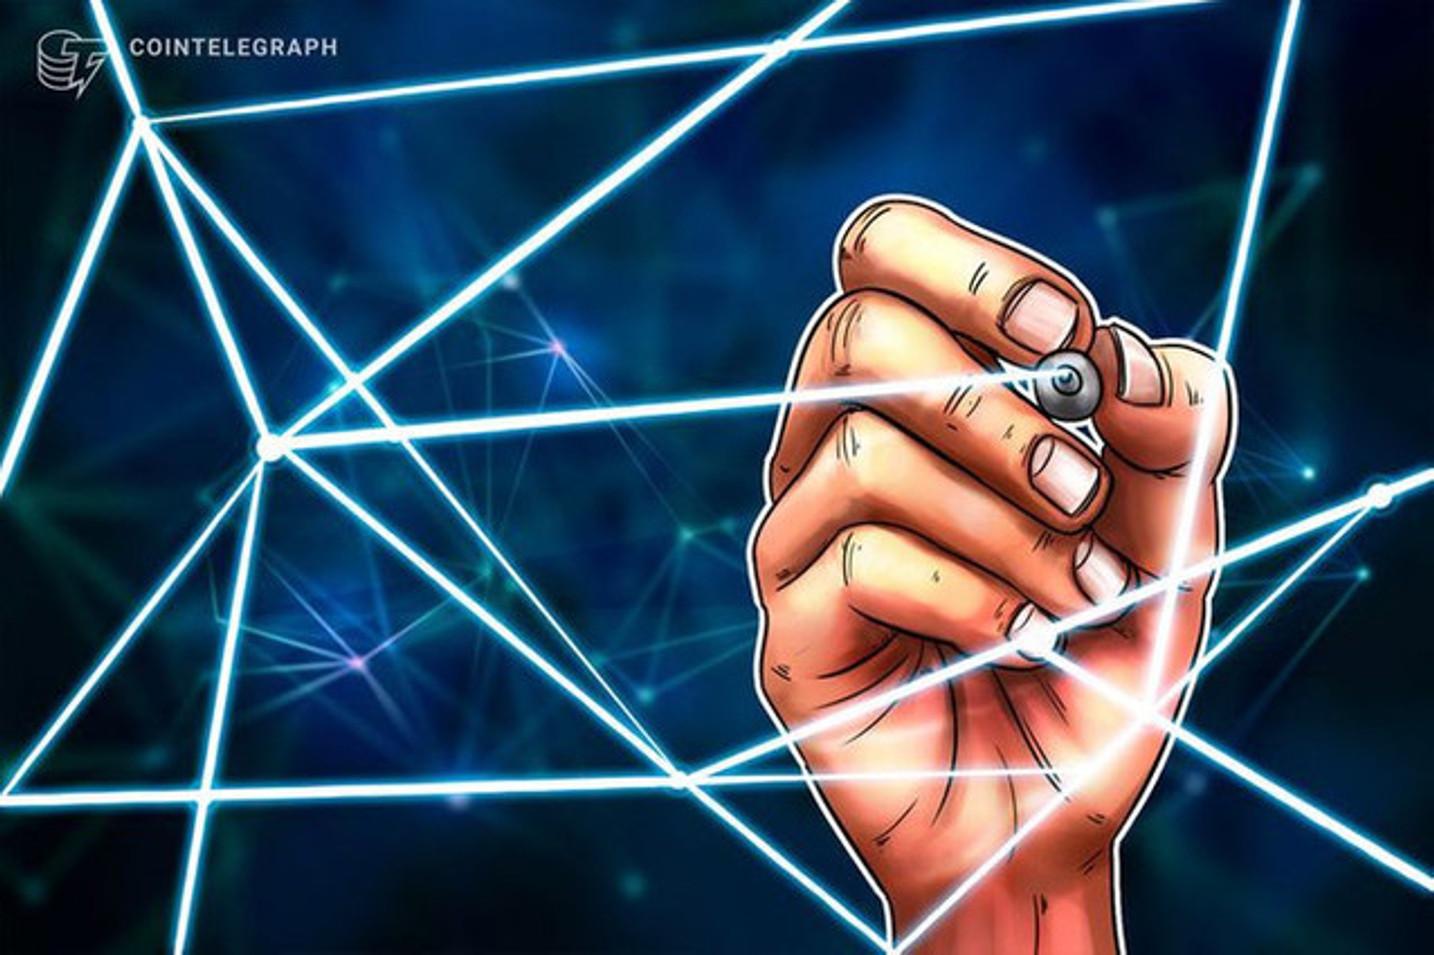 LOGISTOP organiza webinar sobre Blockchain aplicado al transporte y logística